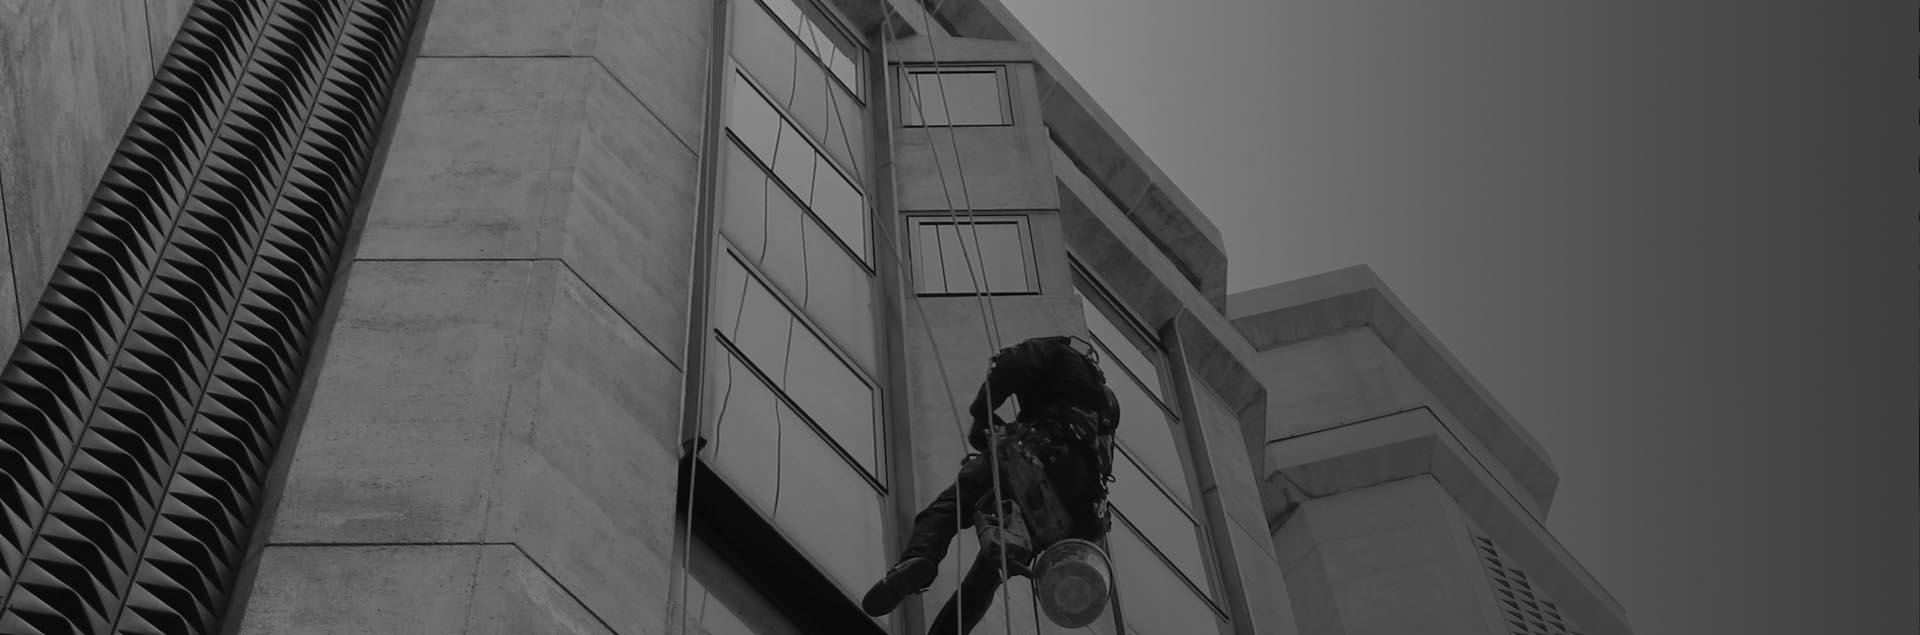 VERTIPROTECT | Trabajos verticales